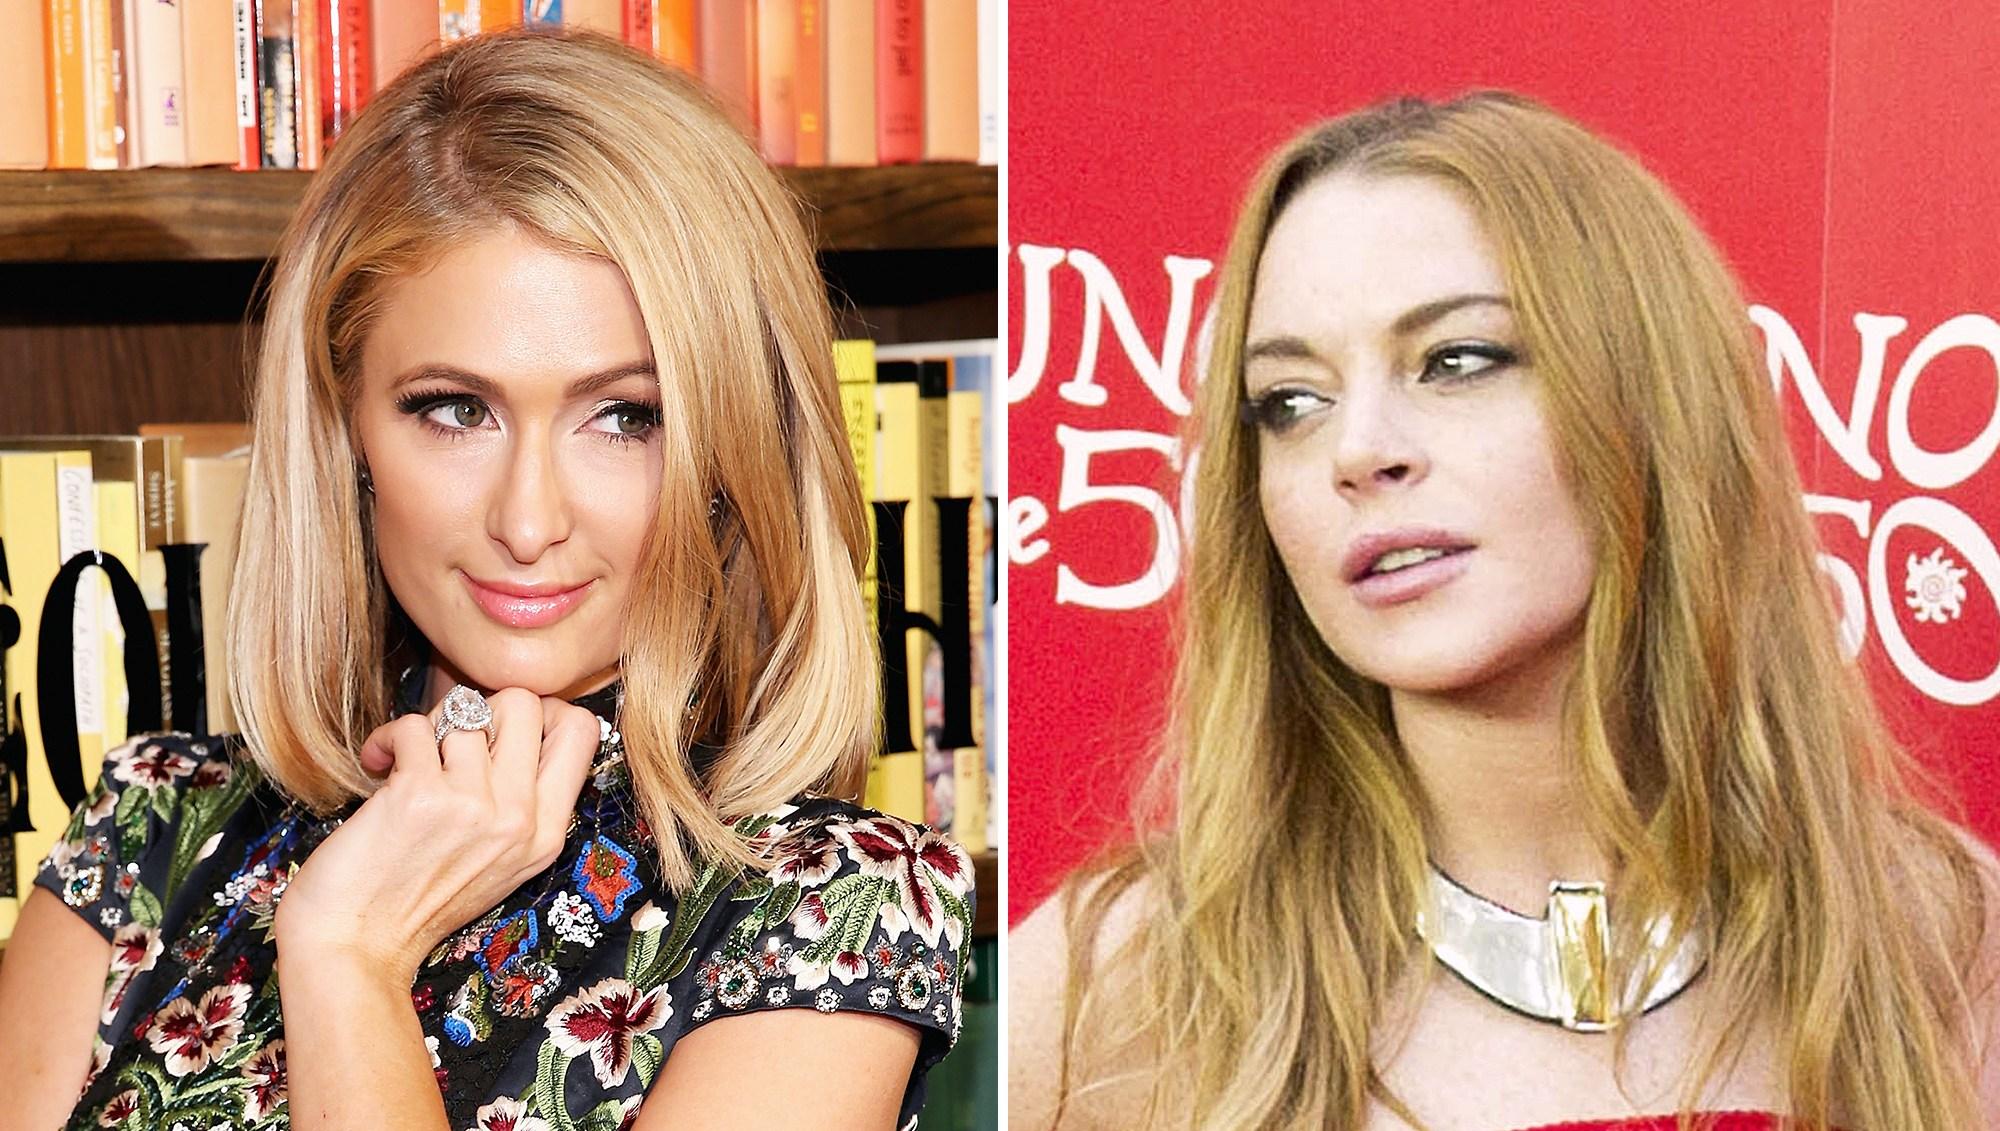 Paris Hilton Lindsay Lohan Pathological Liar Comment